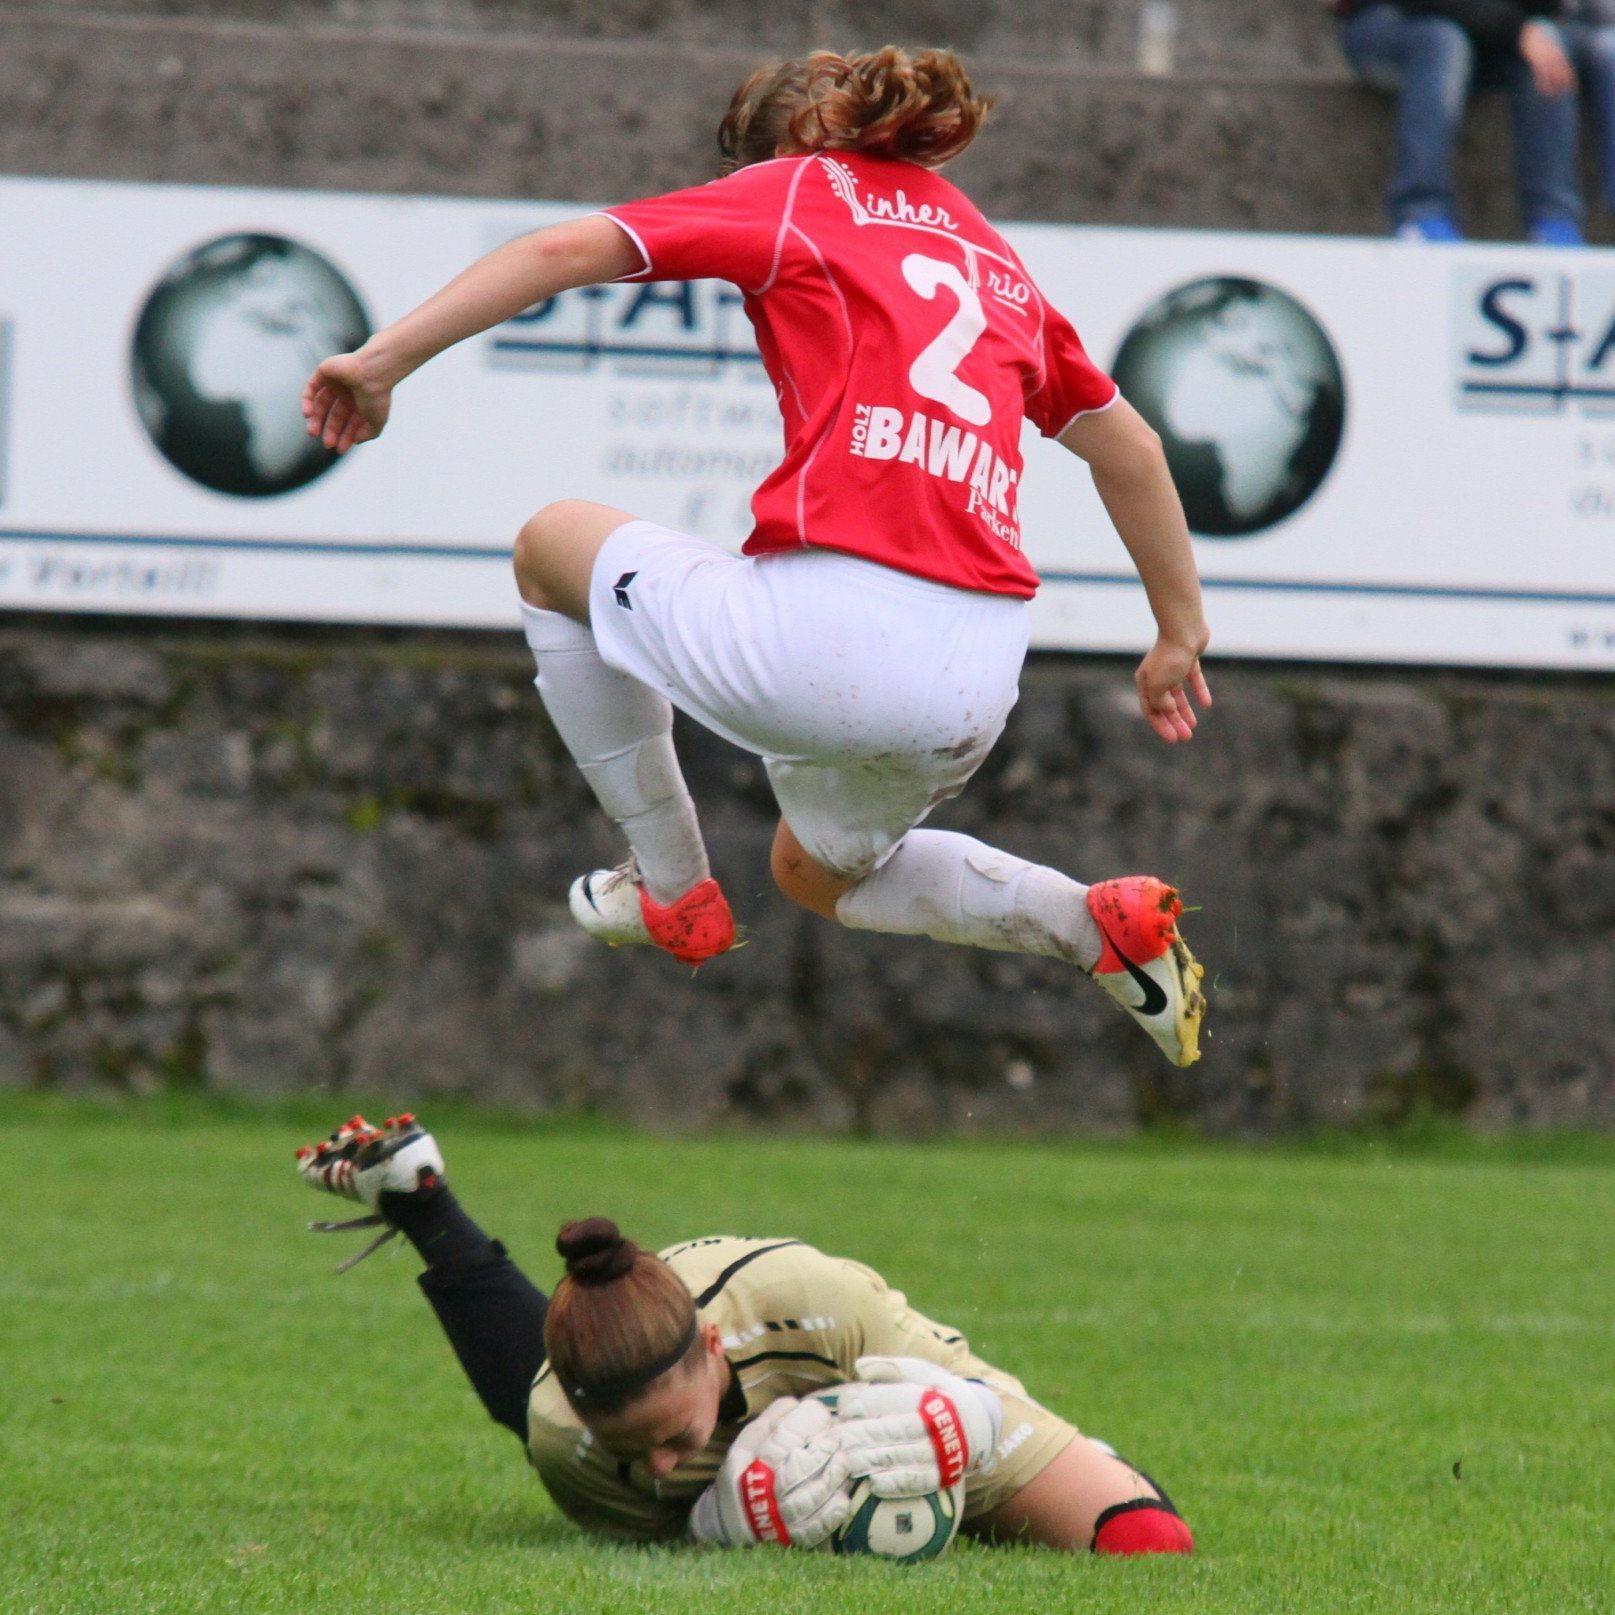 Rankweiler Ladies verloren das Spitzenspiel gegen Bergheim mit 1:2 und werden wieder nur Zweiter.